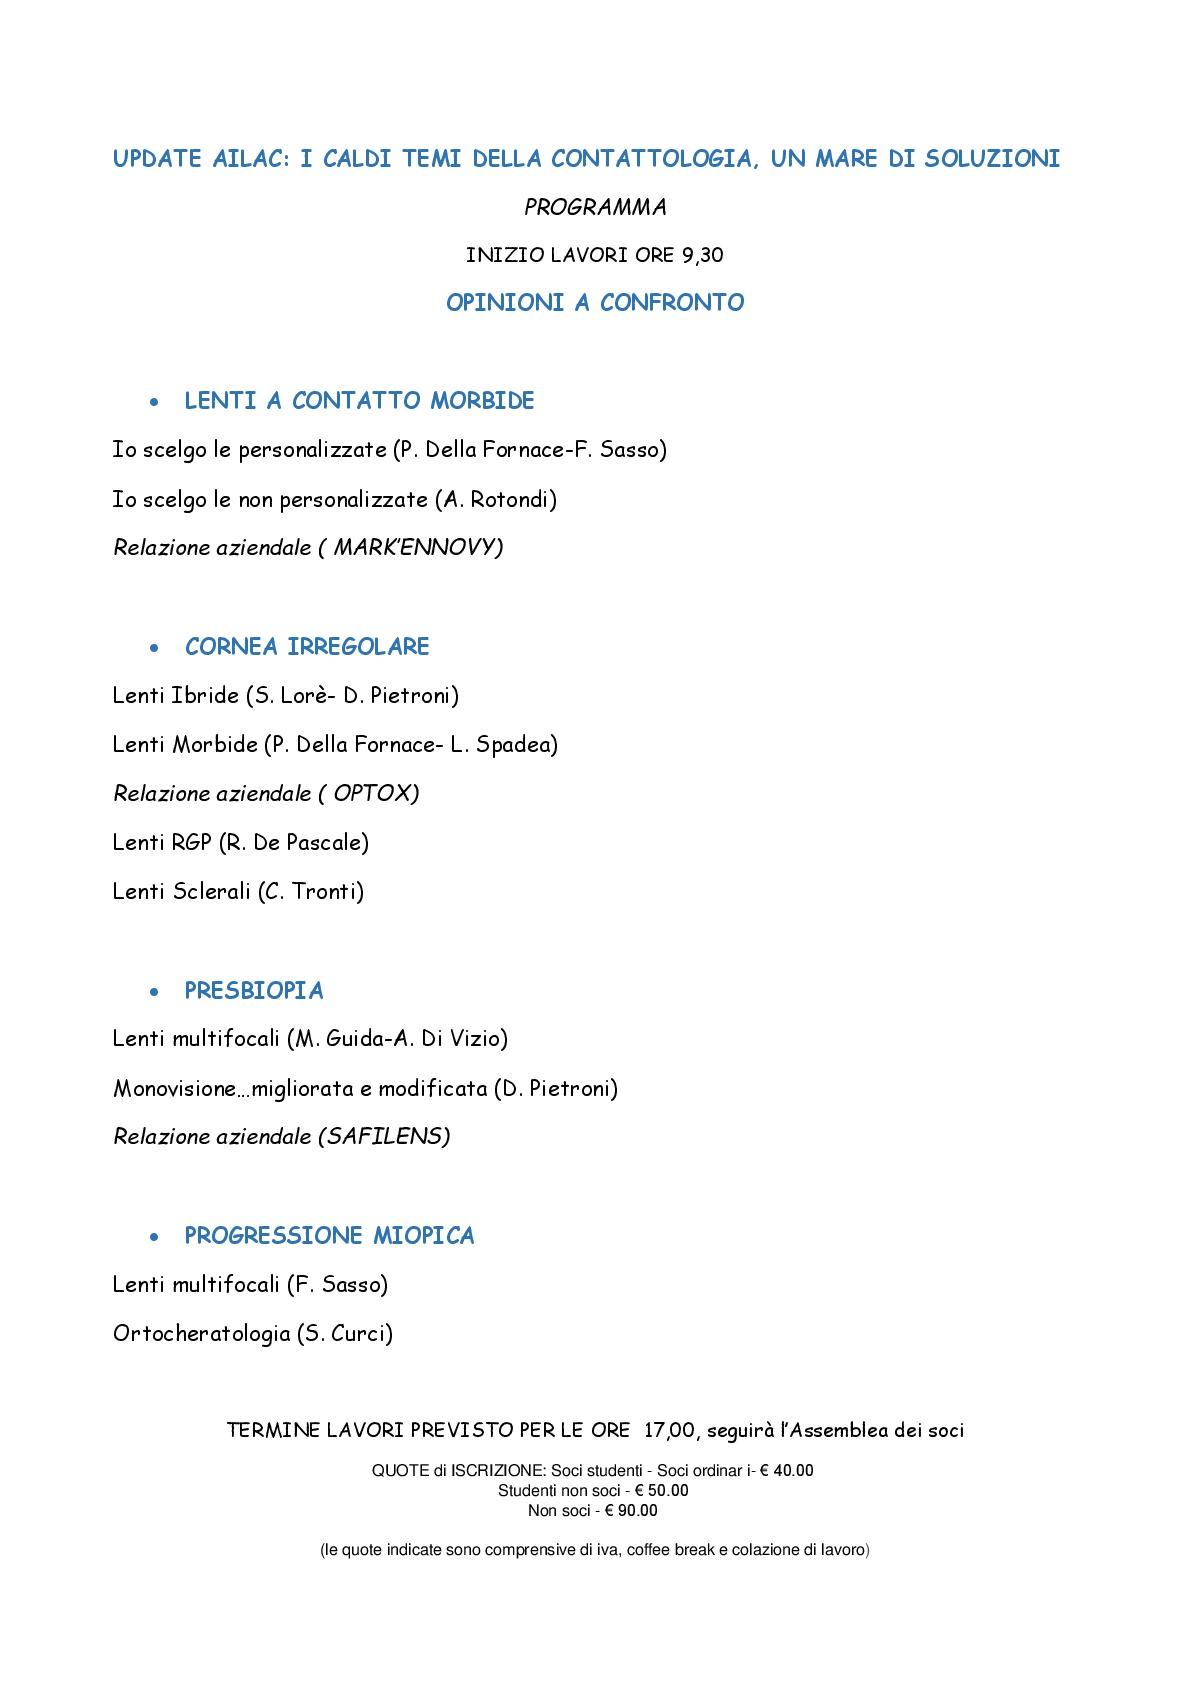 UPDATE-AILAC-SPERLONGA 2018